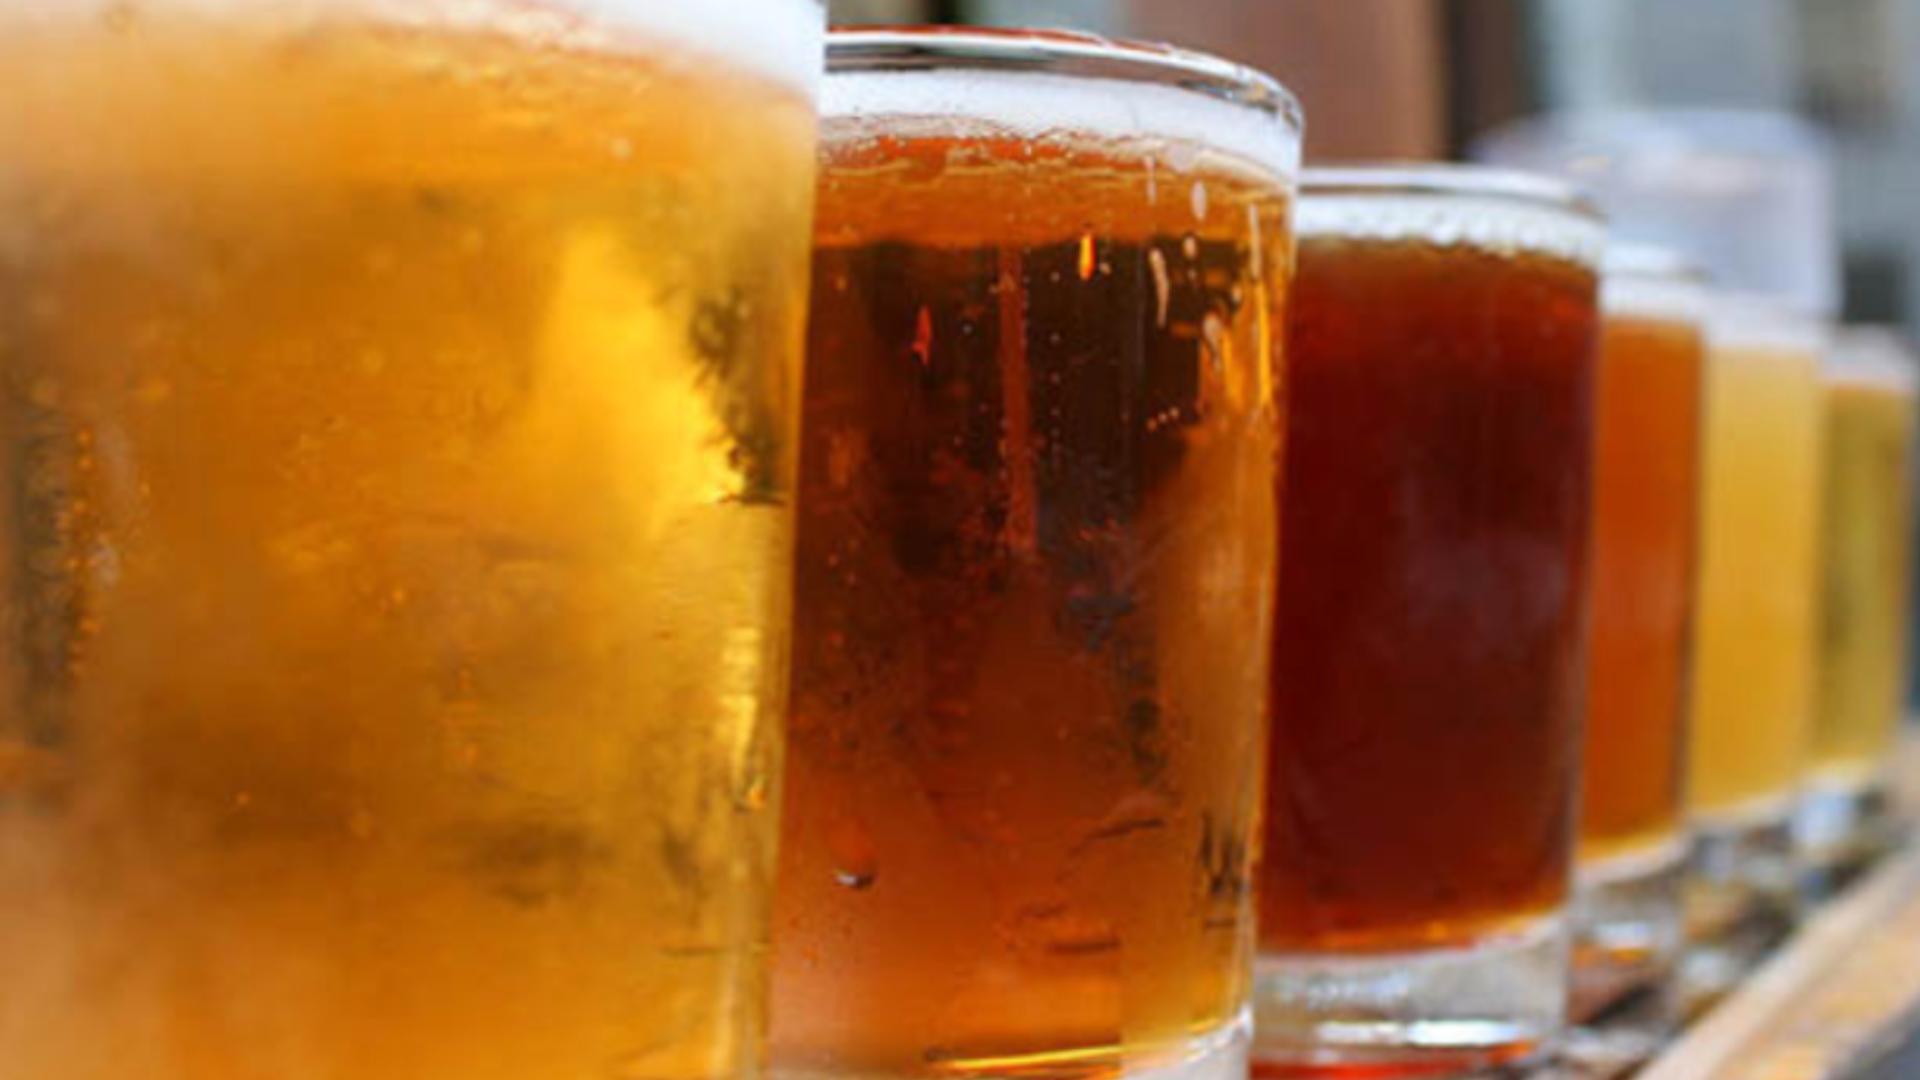 Cliquez ici pour en savoir plus sur Bières